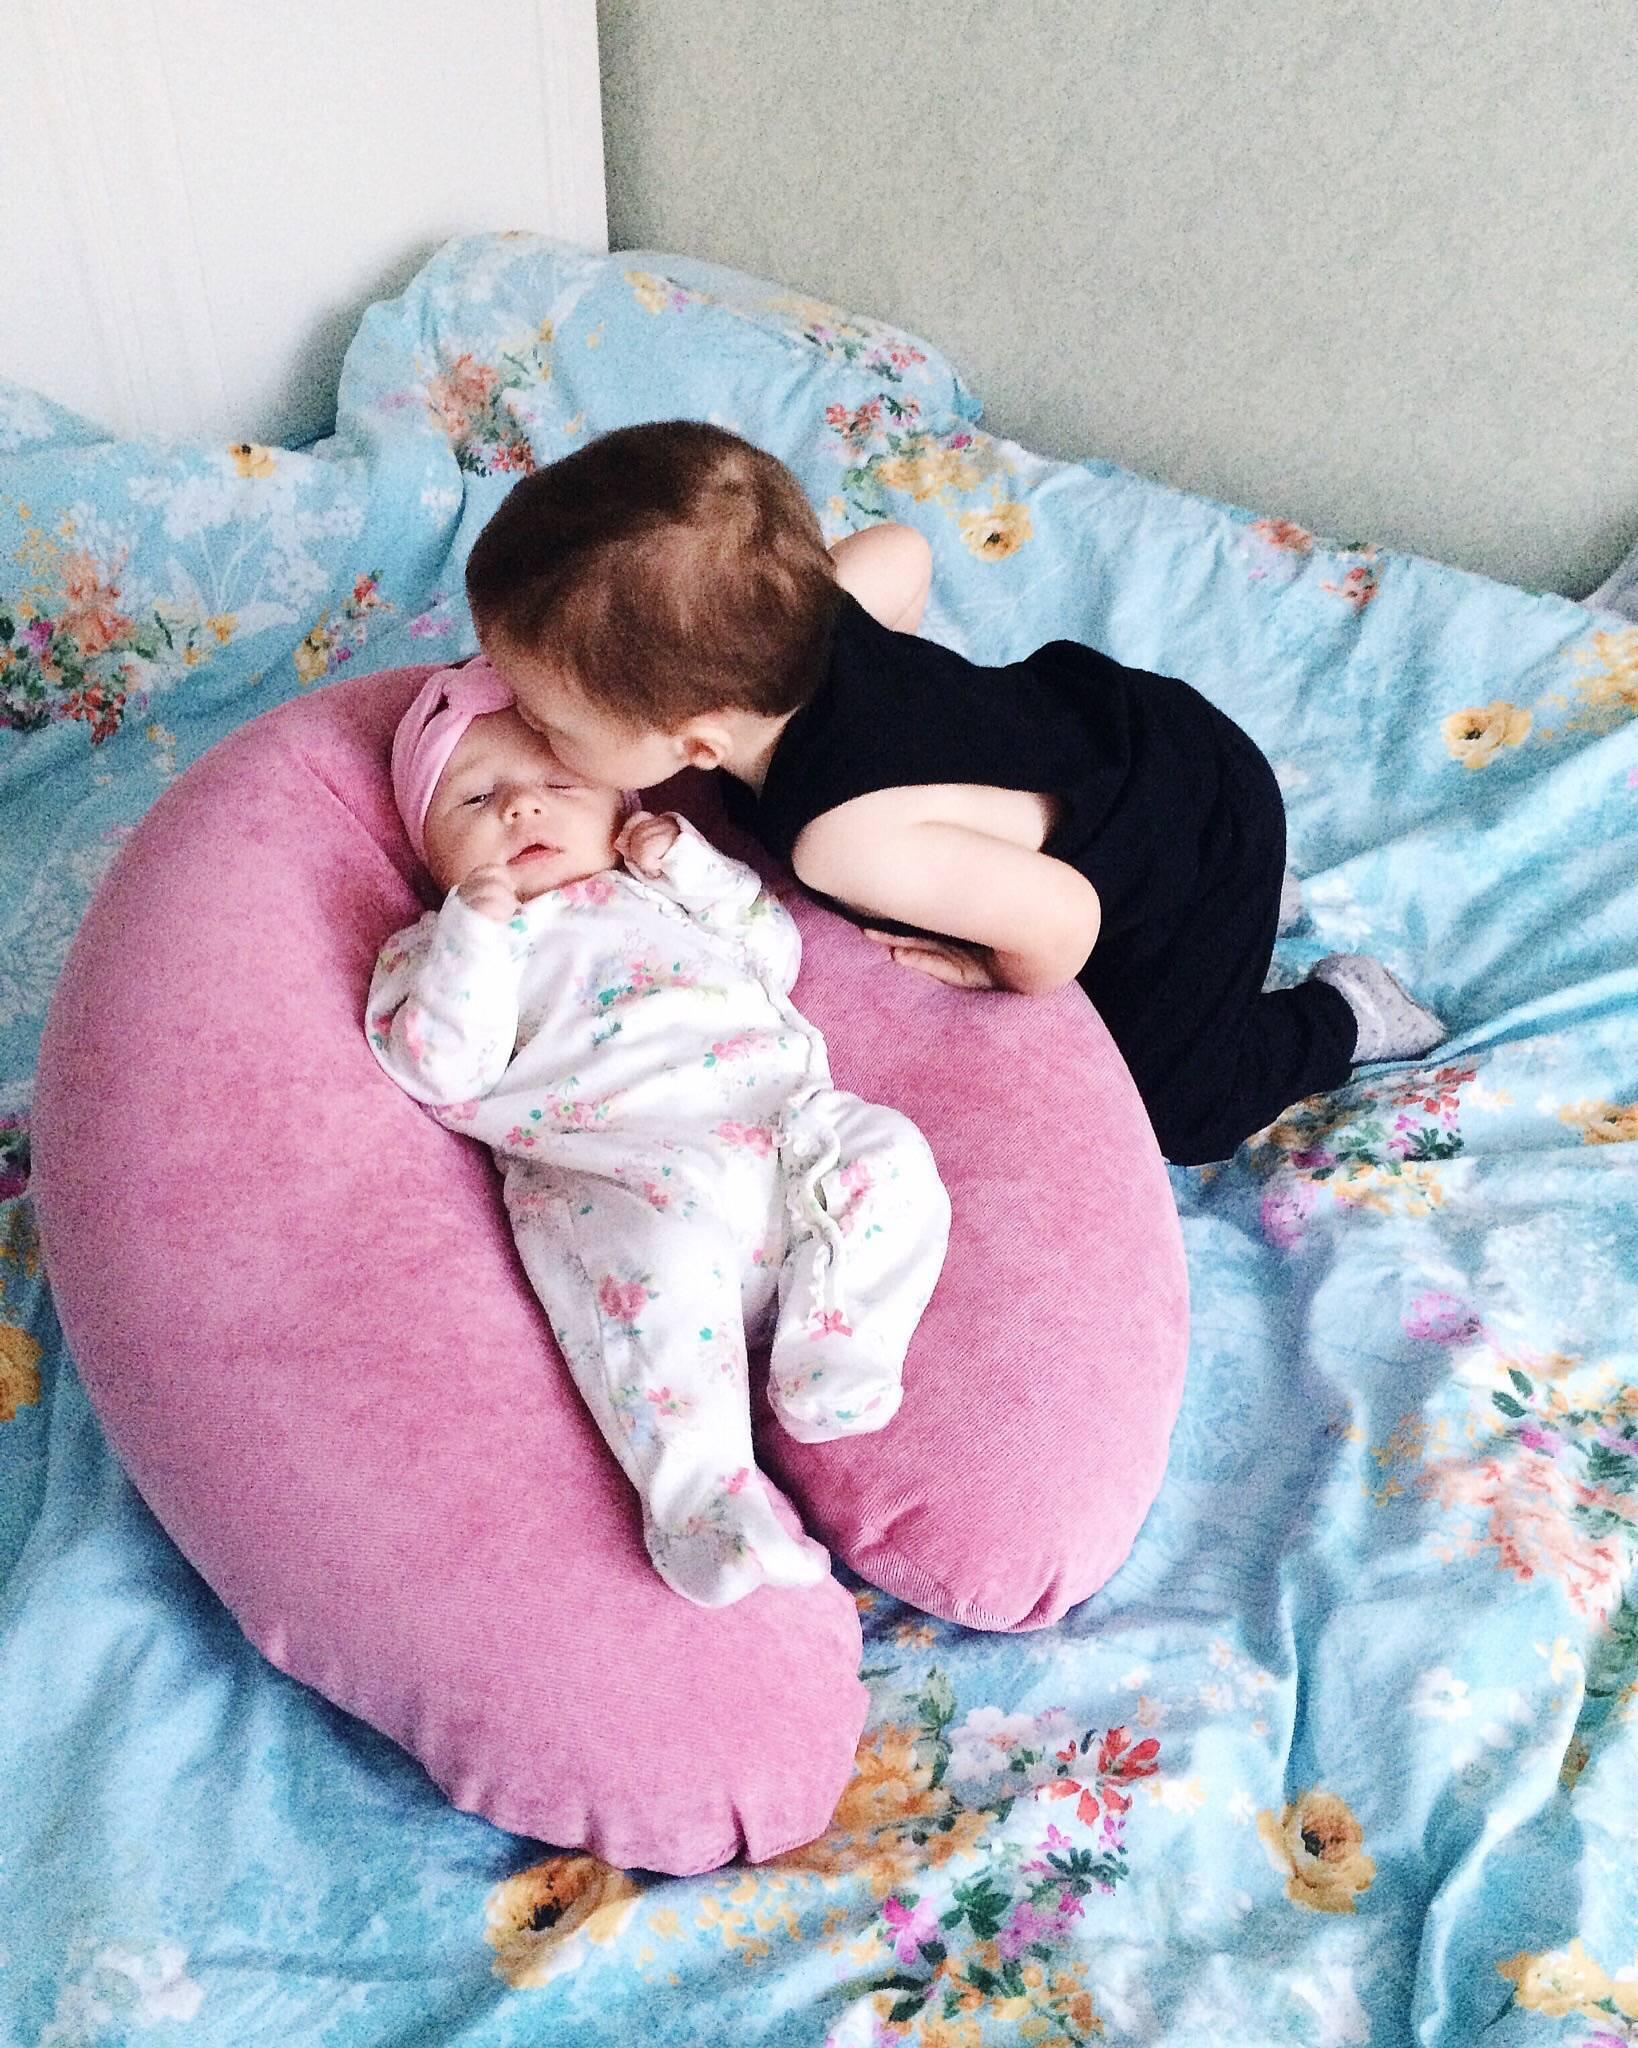 Когда ребёнку можно спать на подушке: практические советы специалистов по использованию